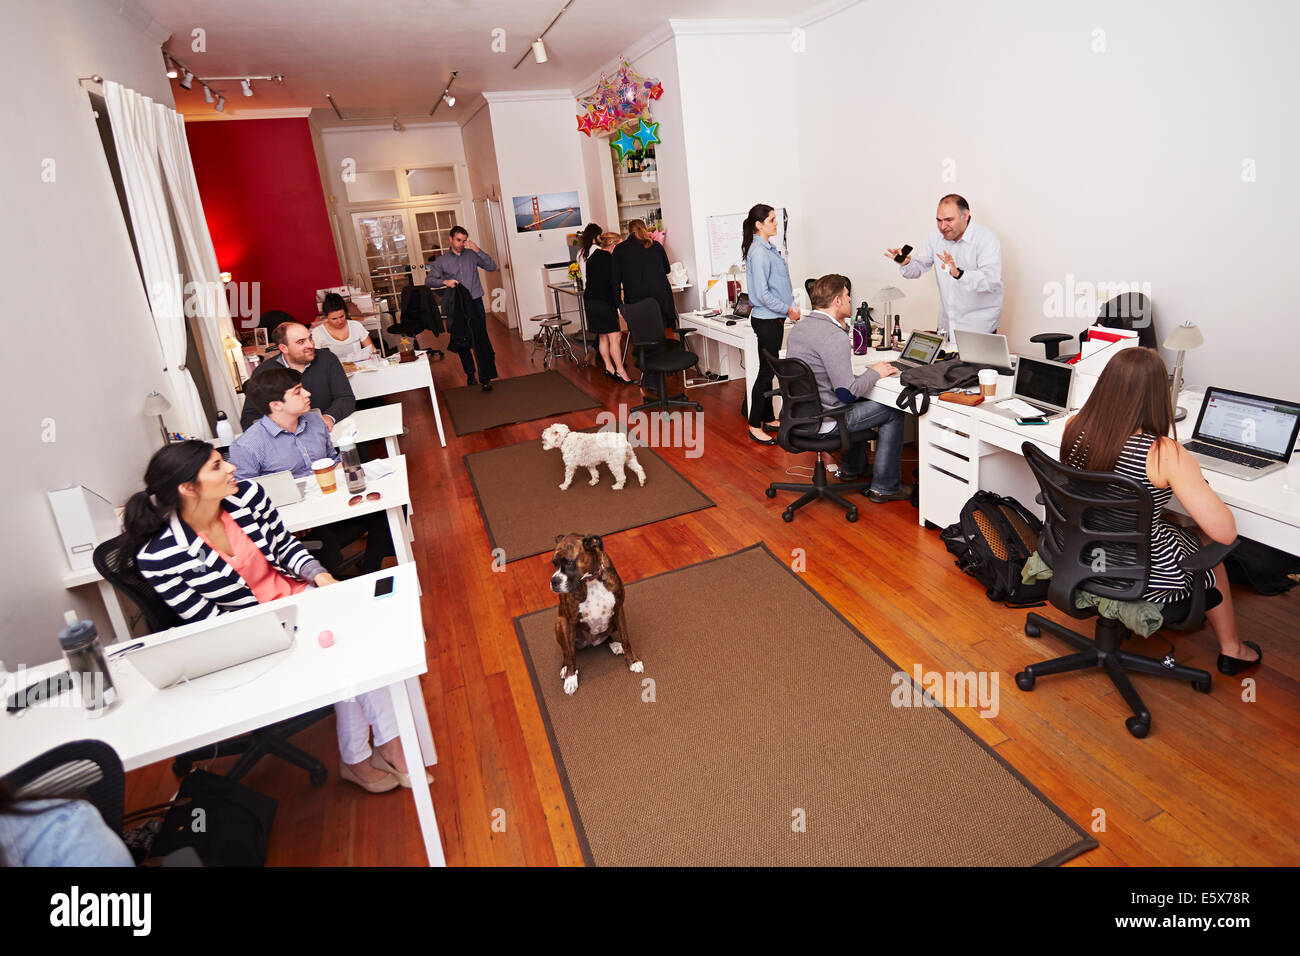 Le persone a lavorare in un ufficio moderno con i cani Immagini Stock